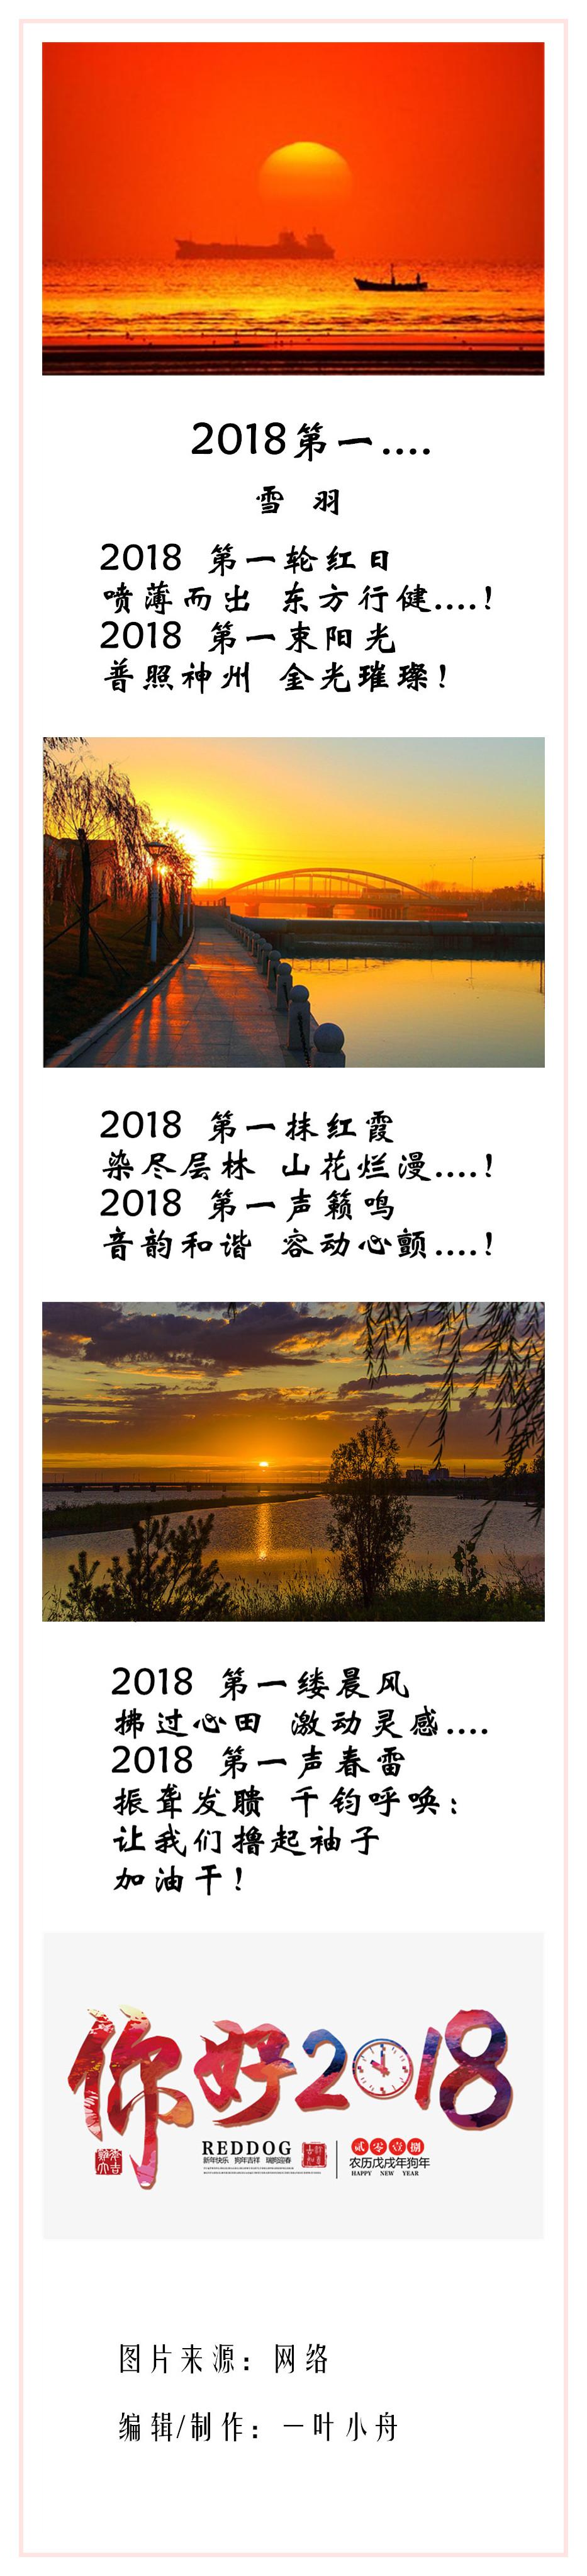 2018第一诗合成